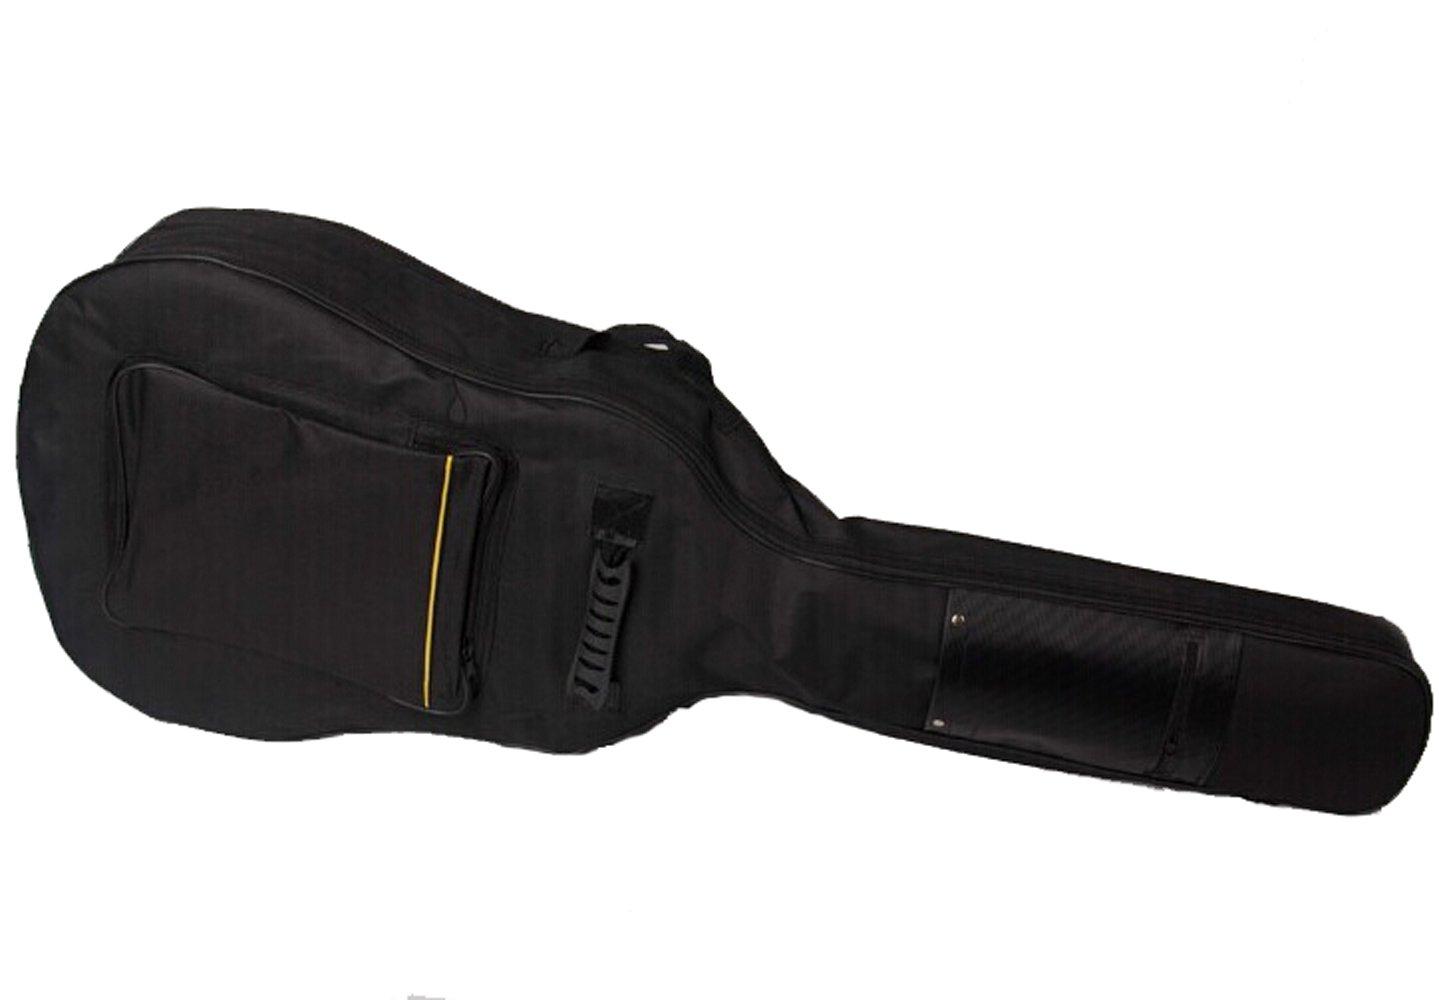 Faswin 41 Inch Dual Adjustable Shoulder Strap Acoustic Guitar Gig Bag - Black